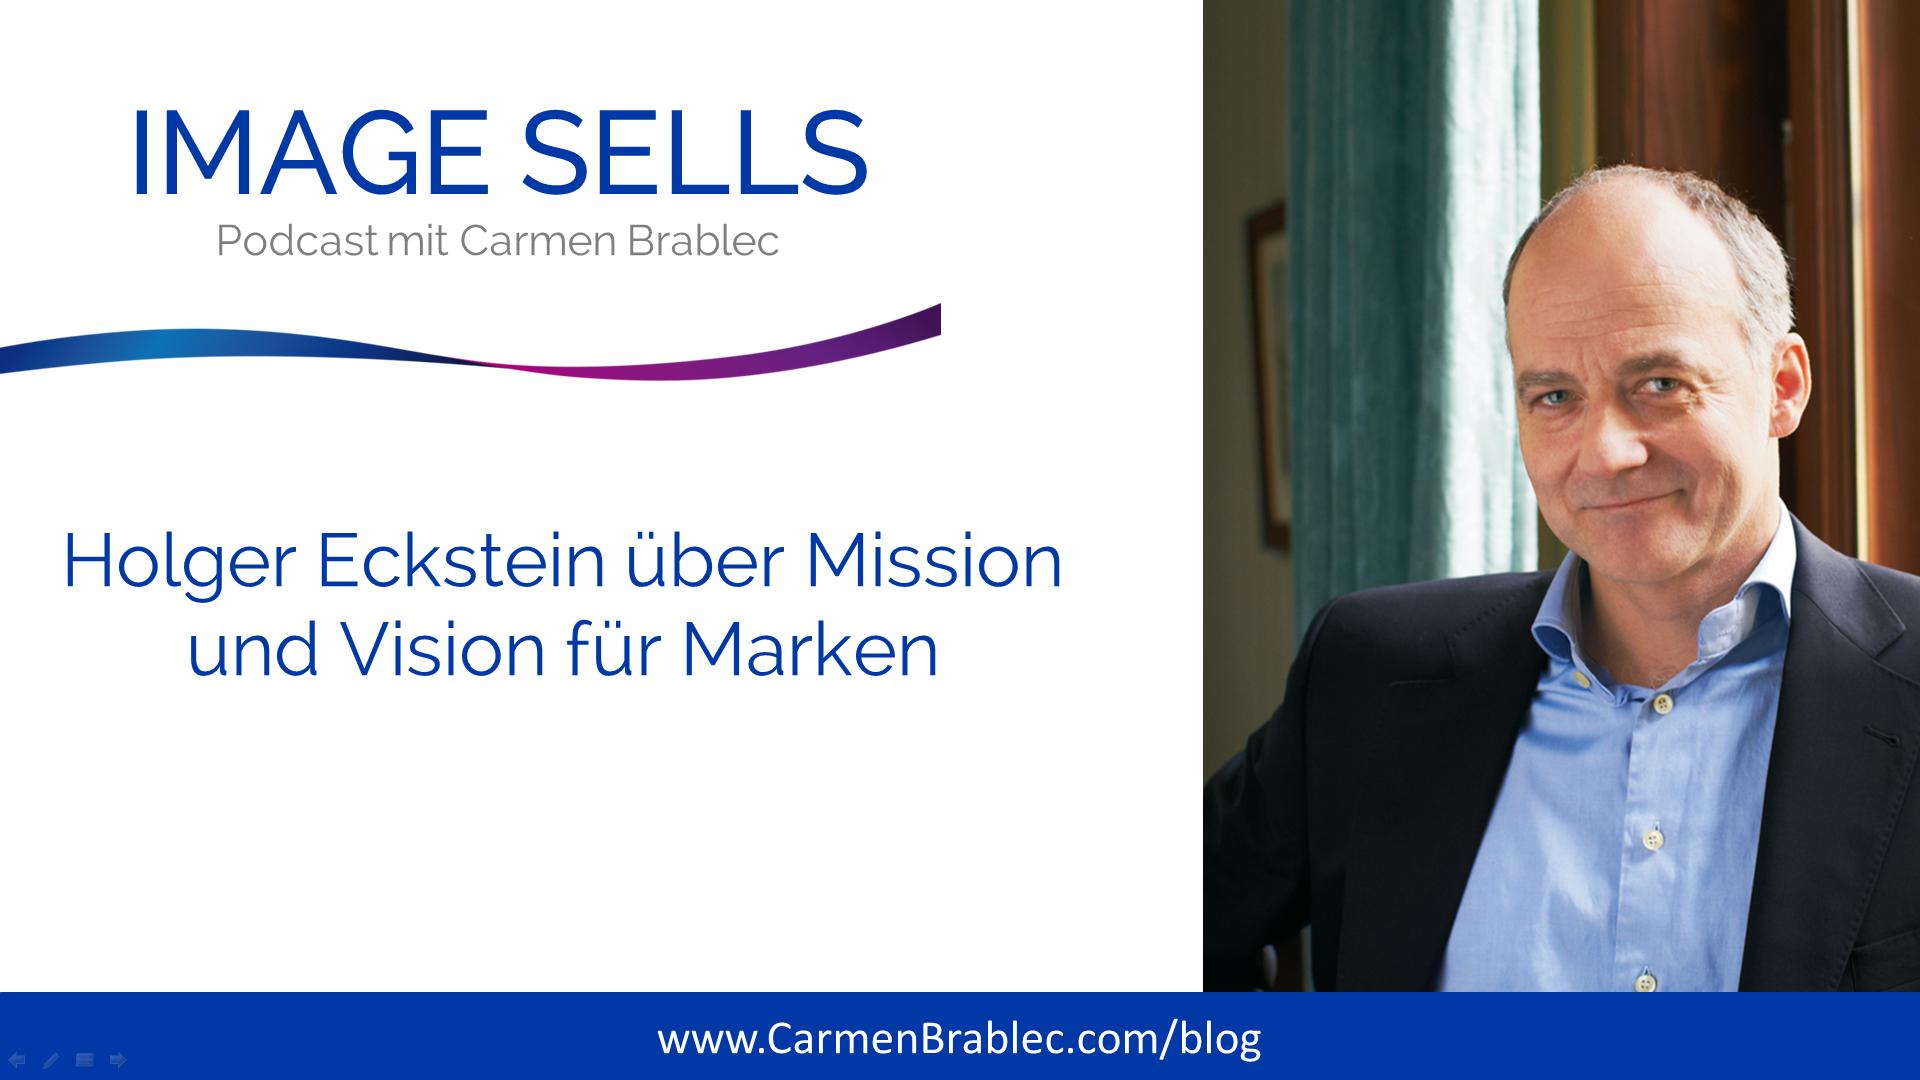 Erfolg ist, wenn Sinn gelingt – Holger Eckstein über Mission, Vision und den Sinn des Unternehmerlebens – ISP #023